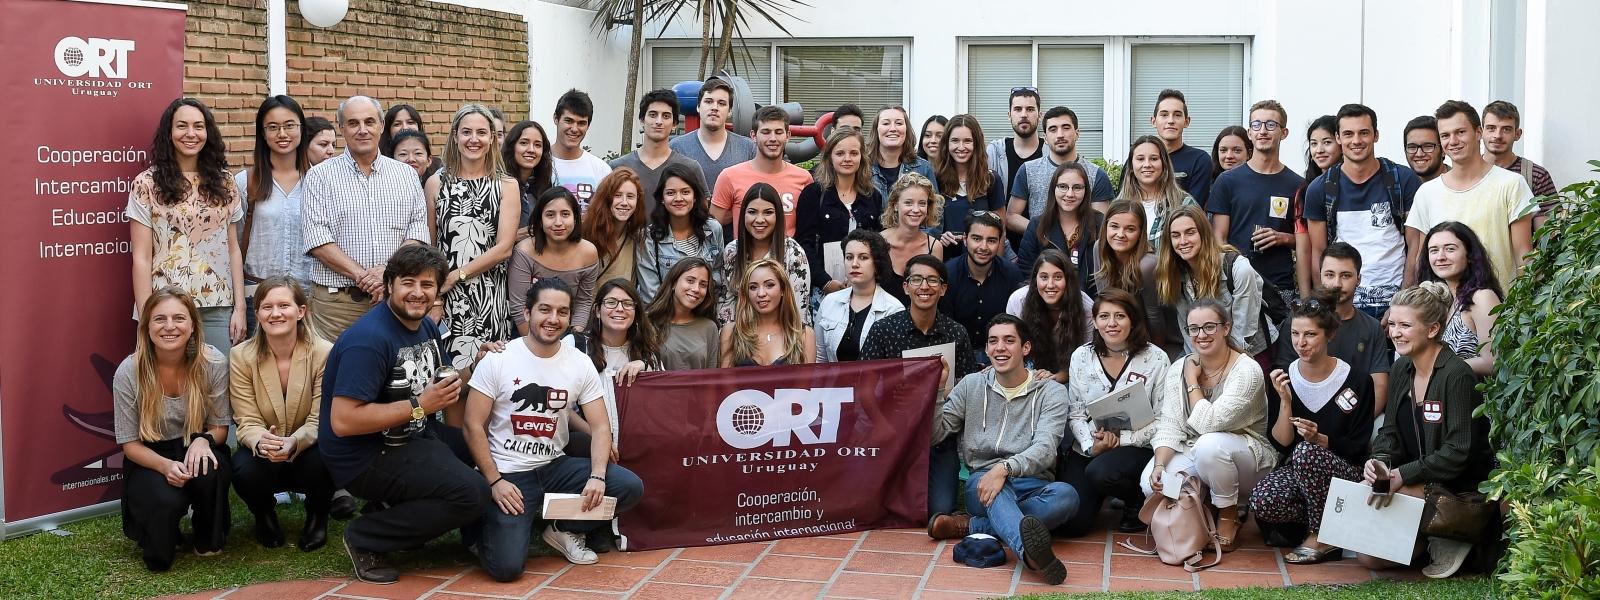 Estudiantes internacionales llegaron a la universidad